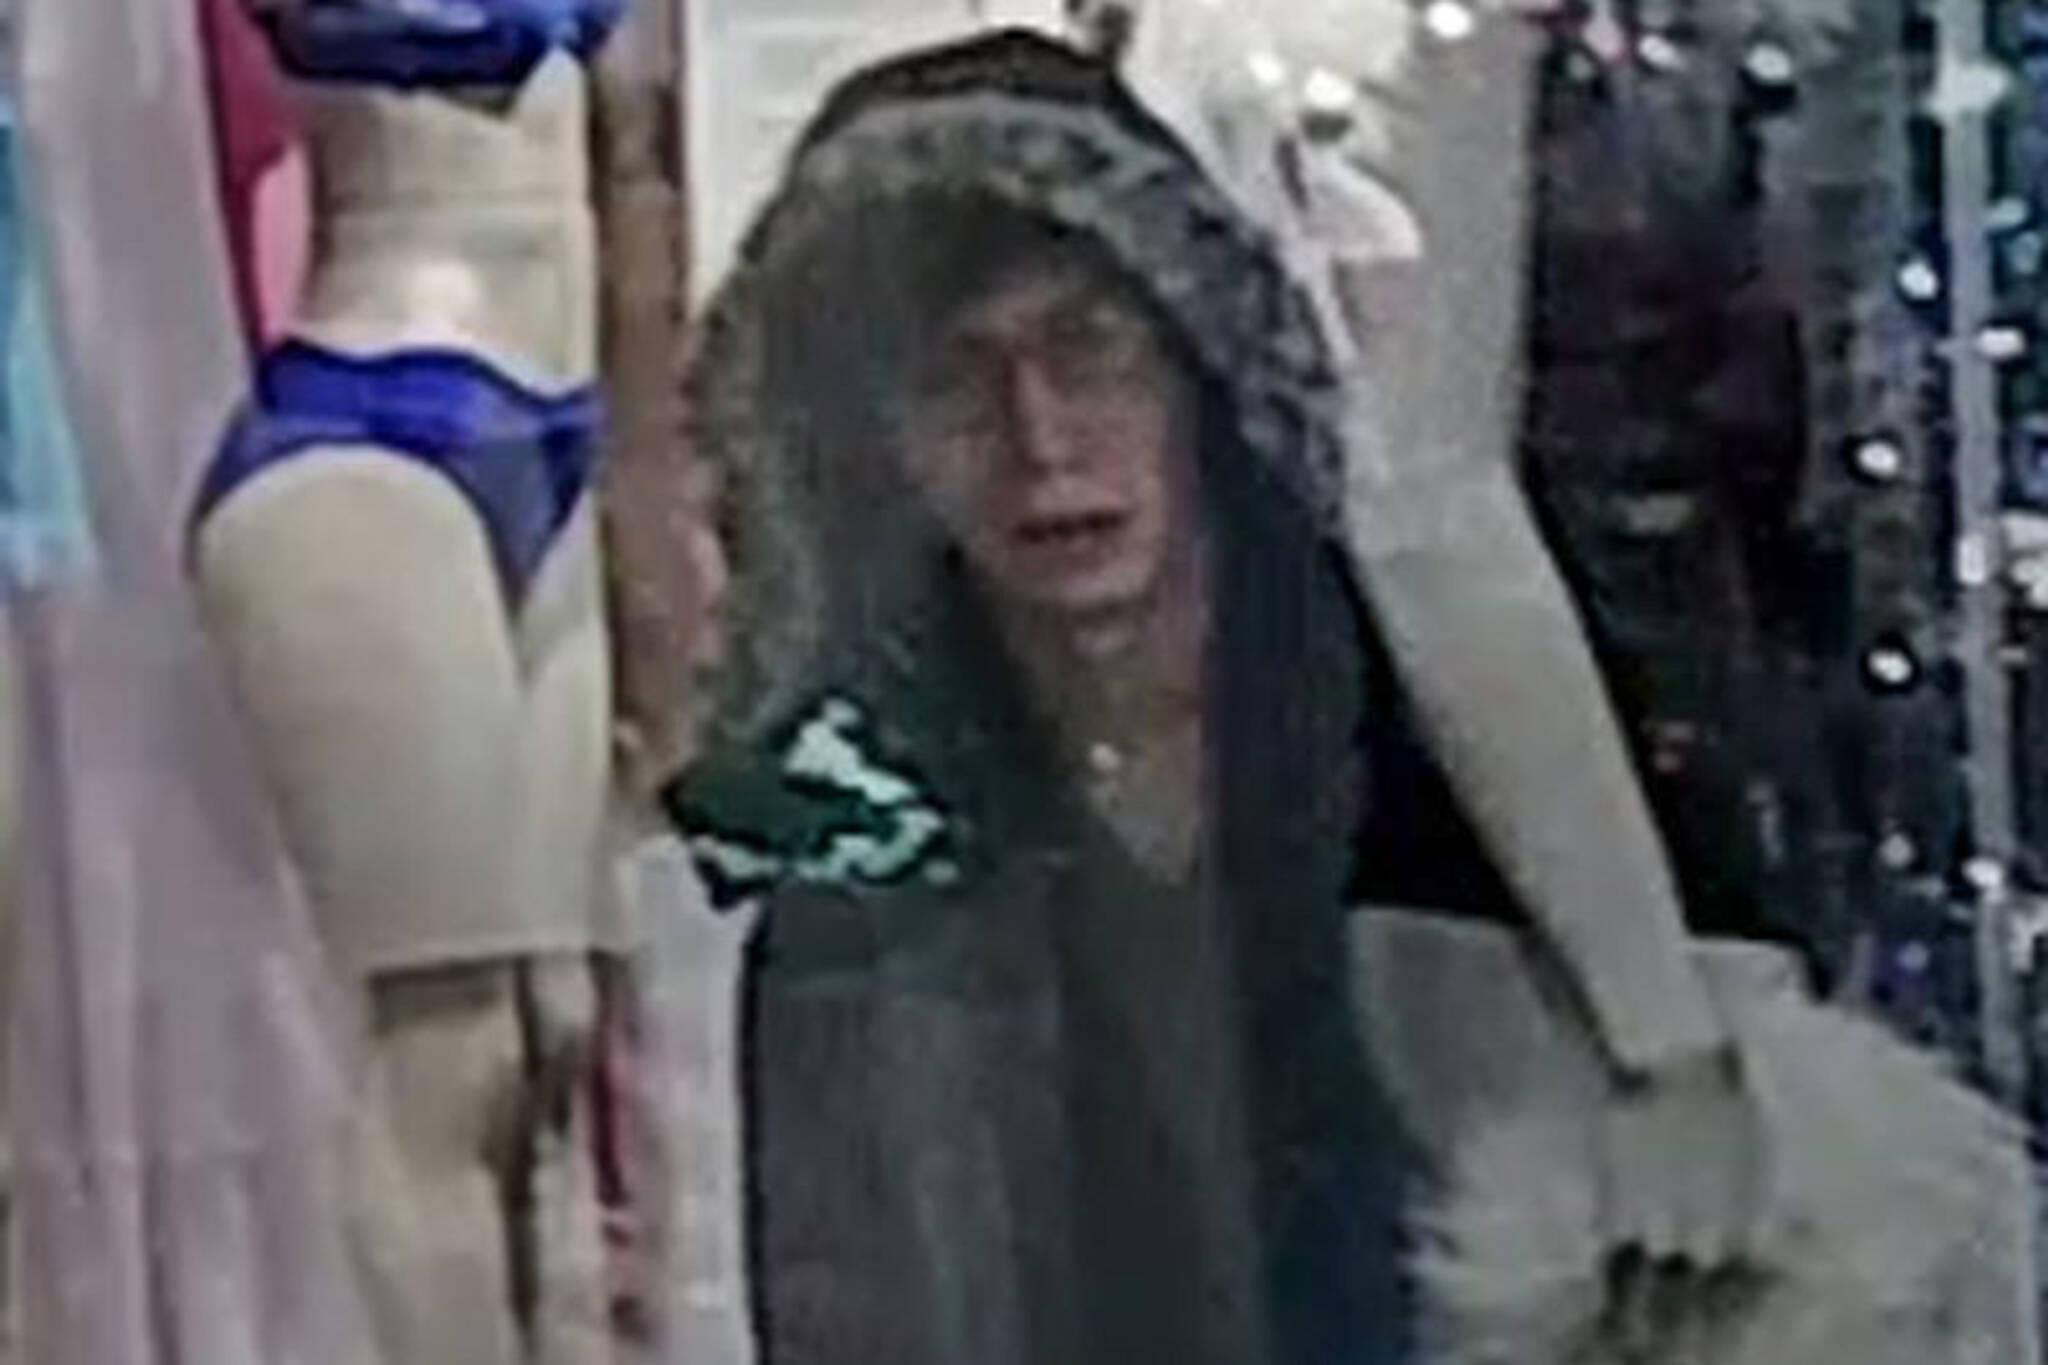 Toronto mannequin thief